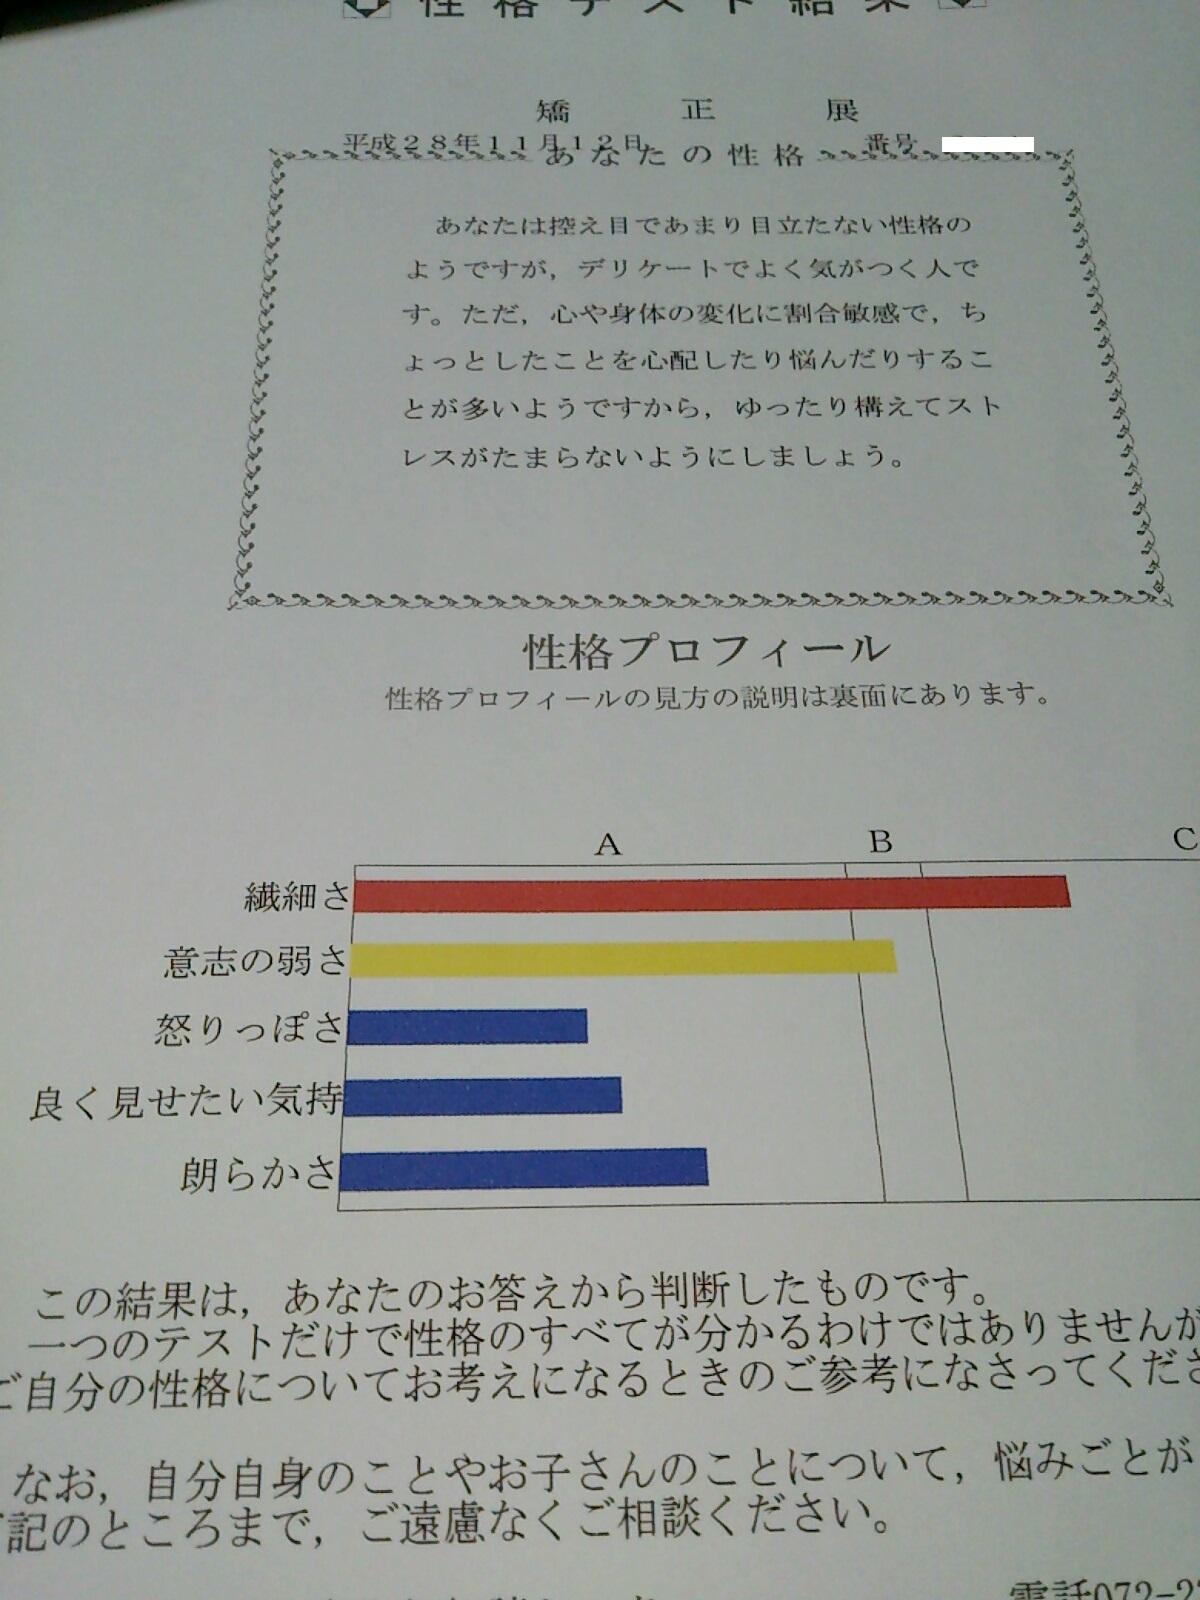 性格テスト結果